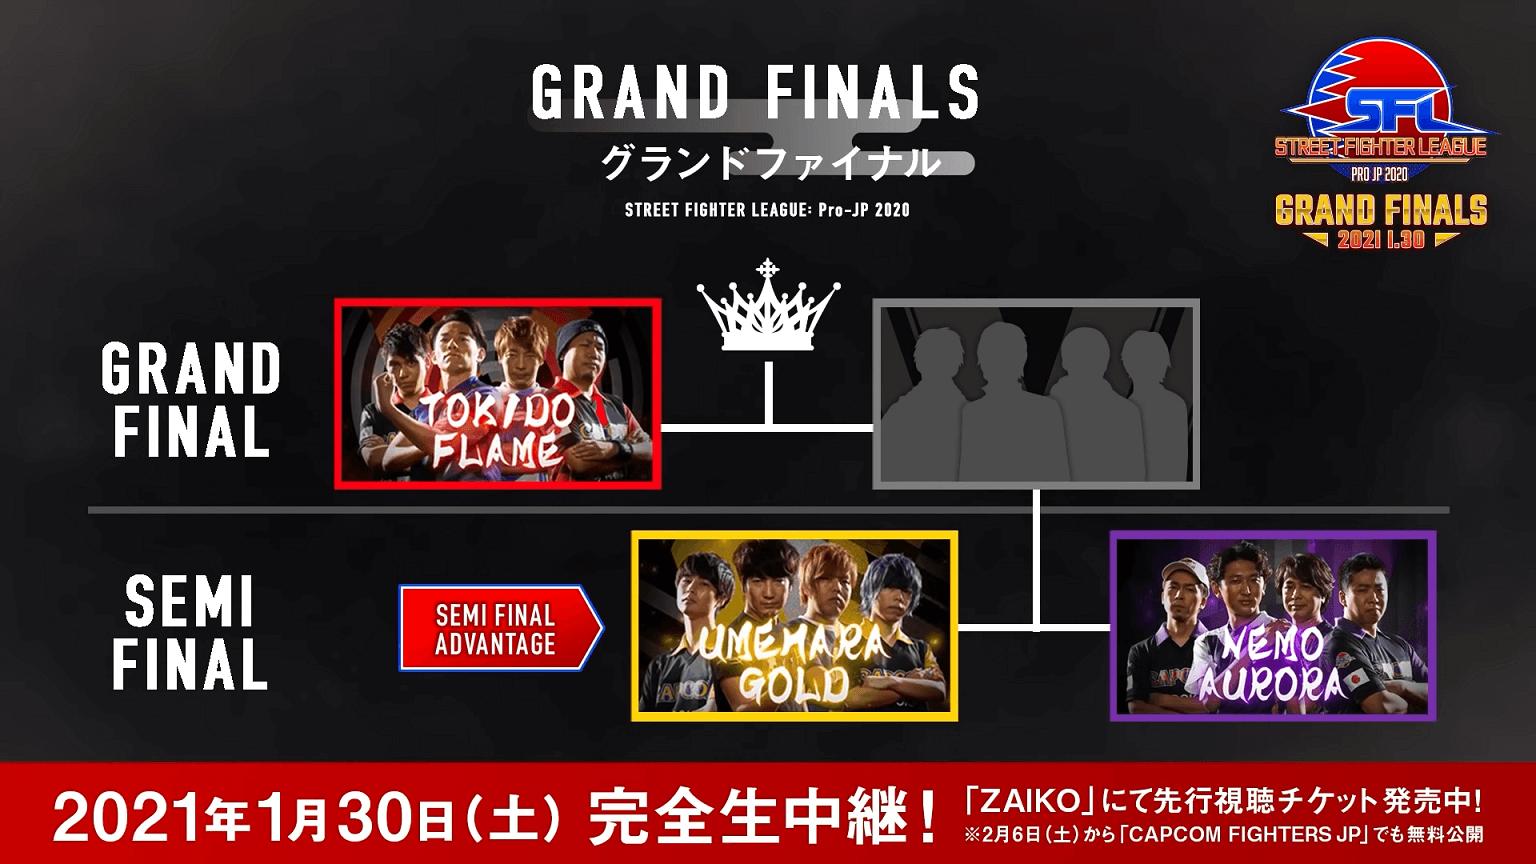 Street Fighter League Pro-JP Grand Final scheme of matches